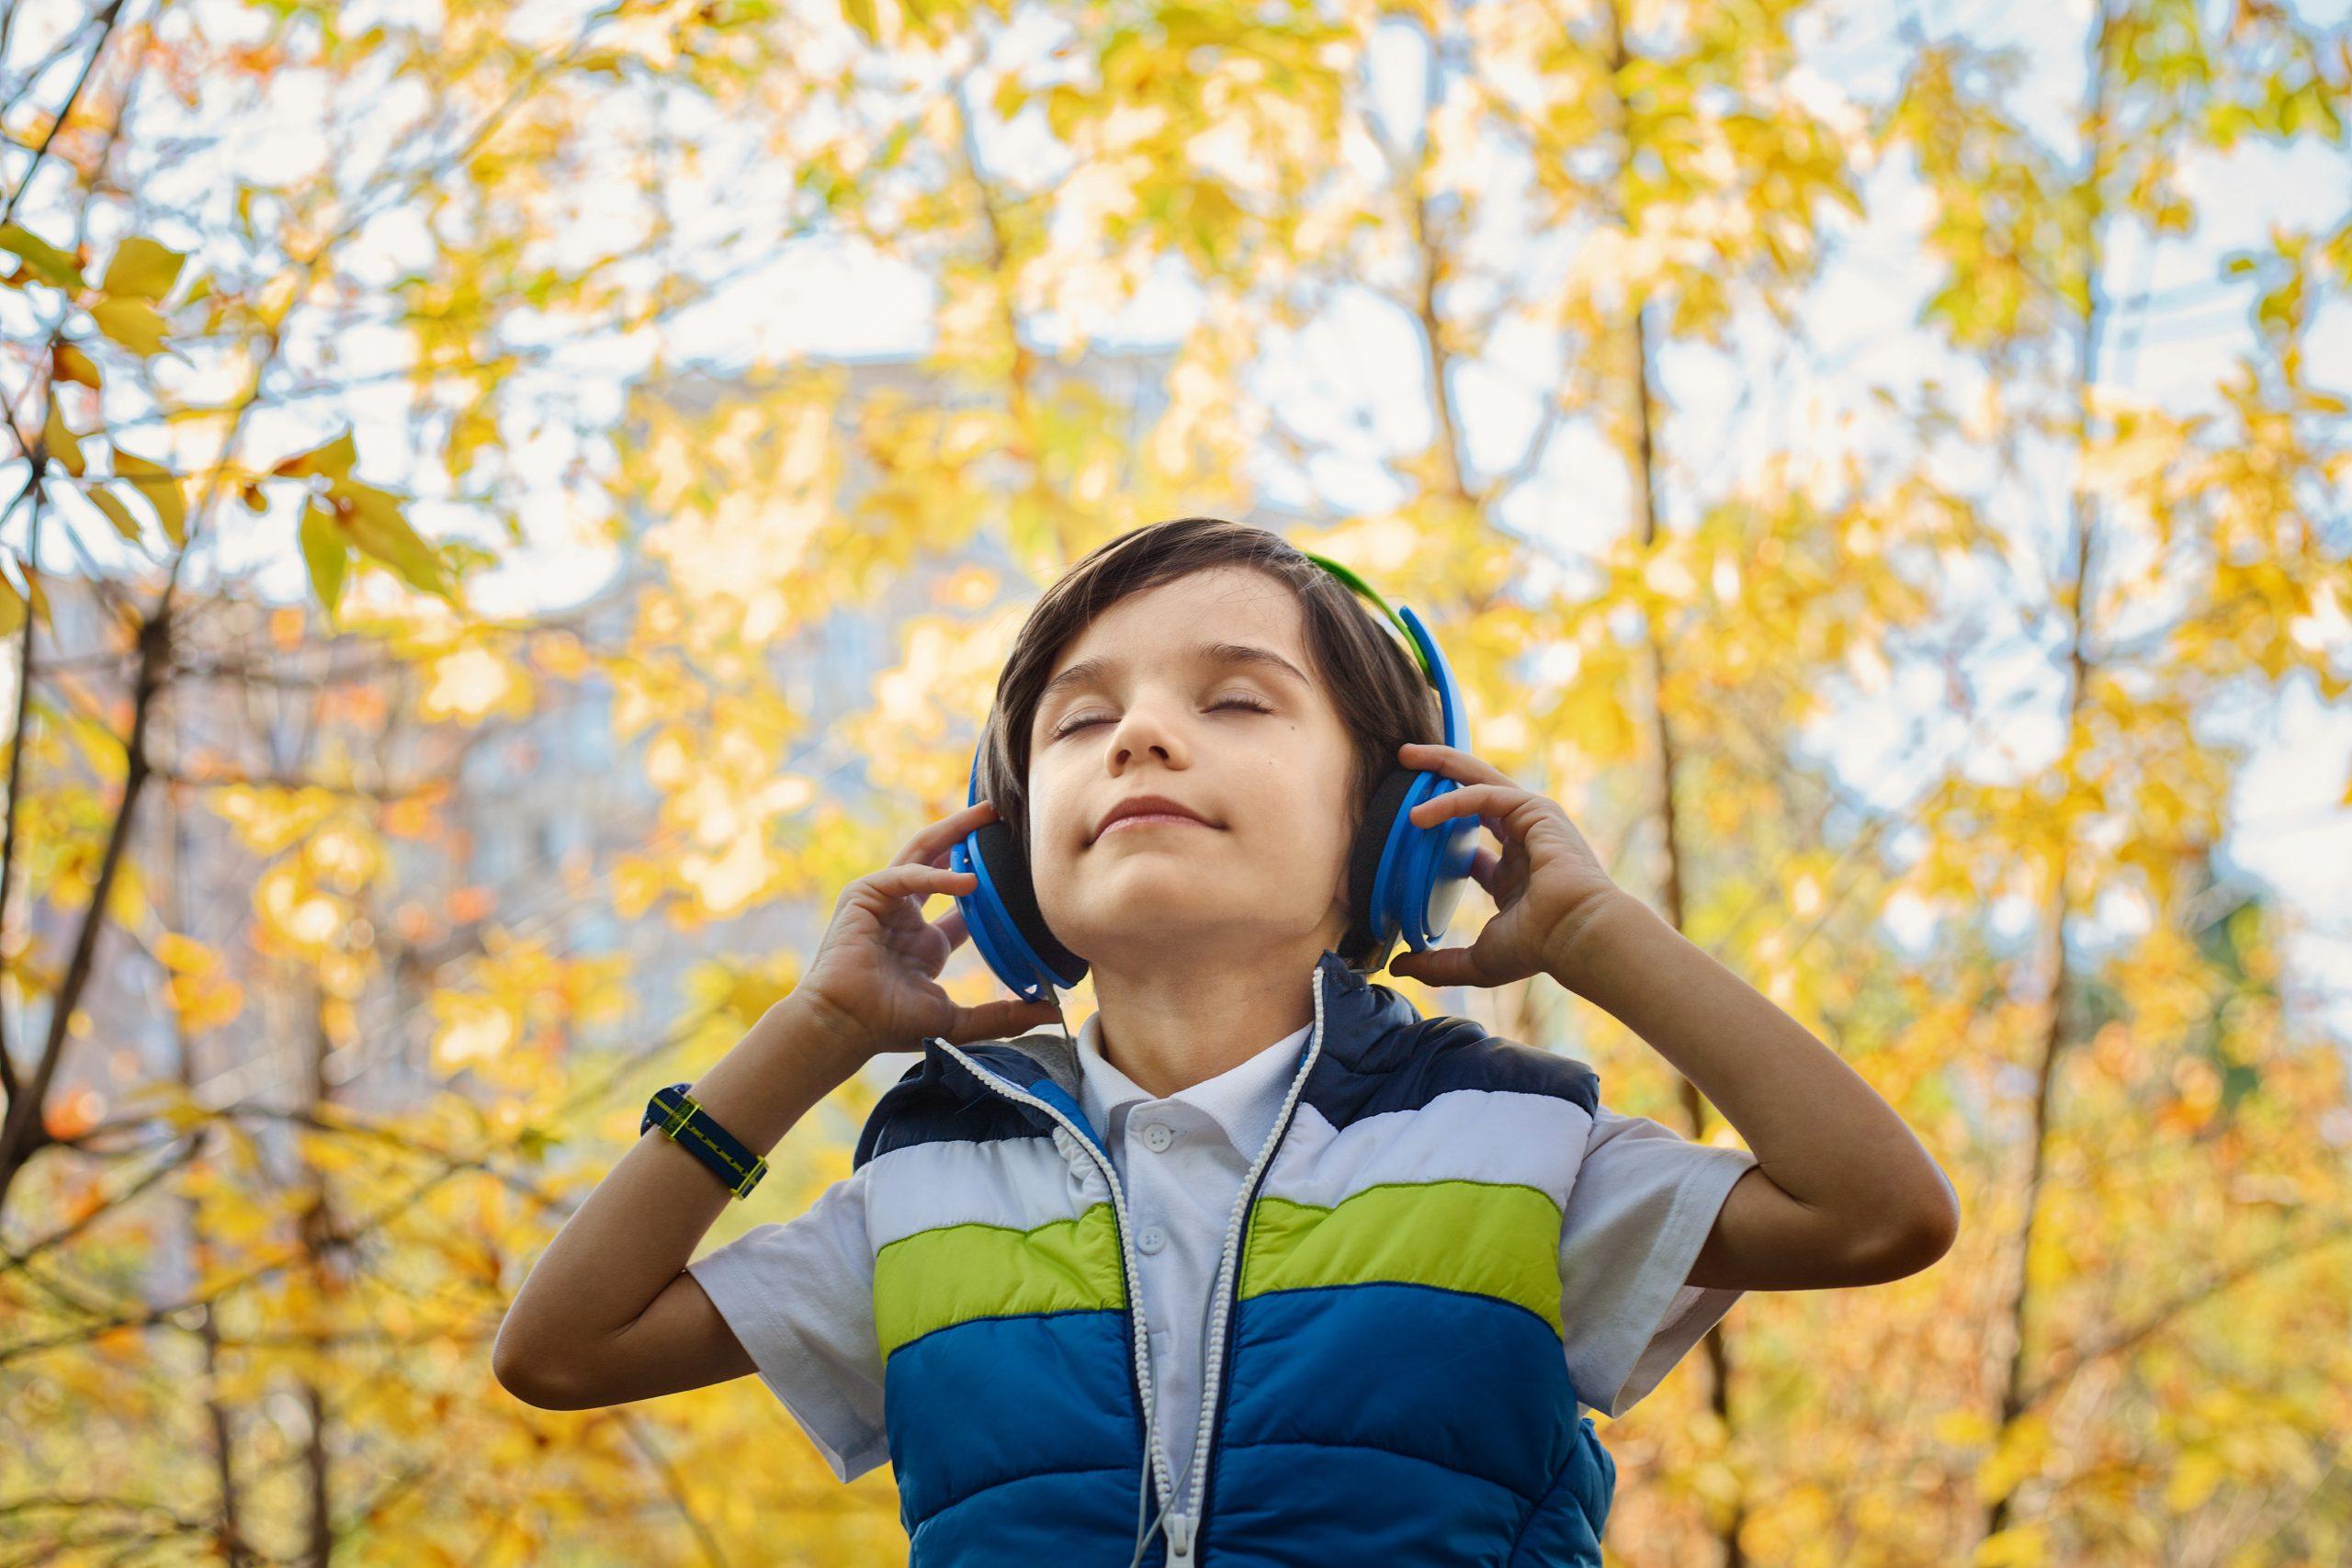 אוזניות לילדים